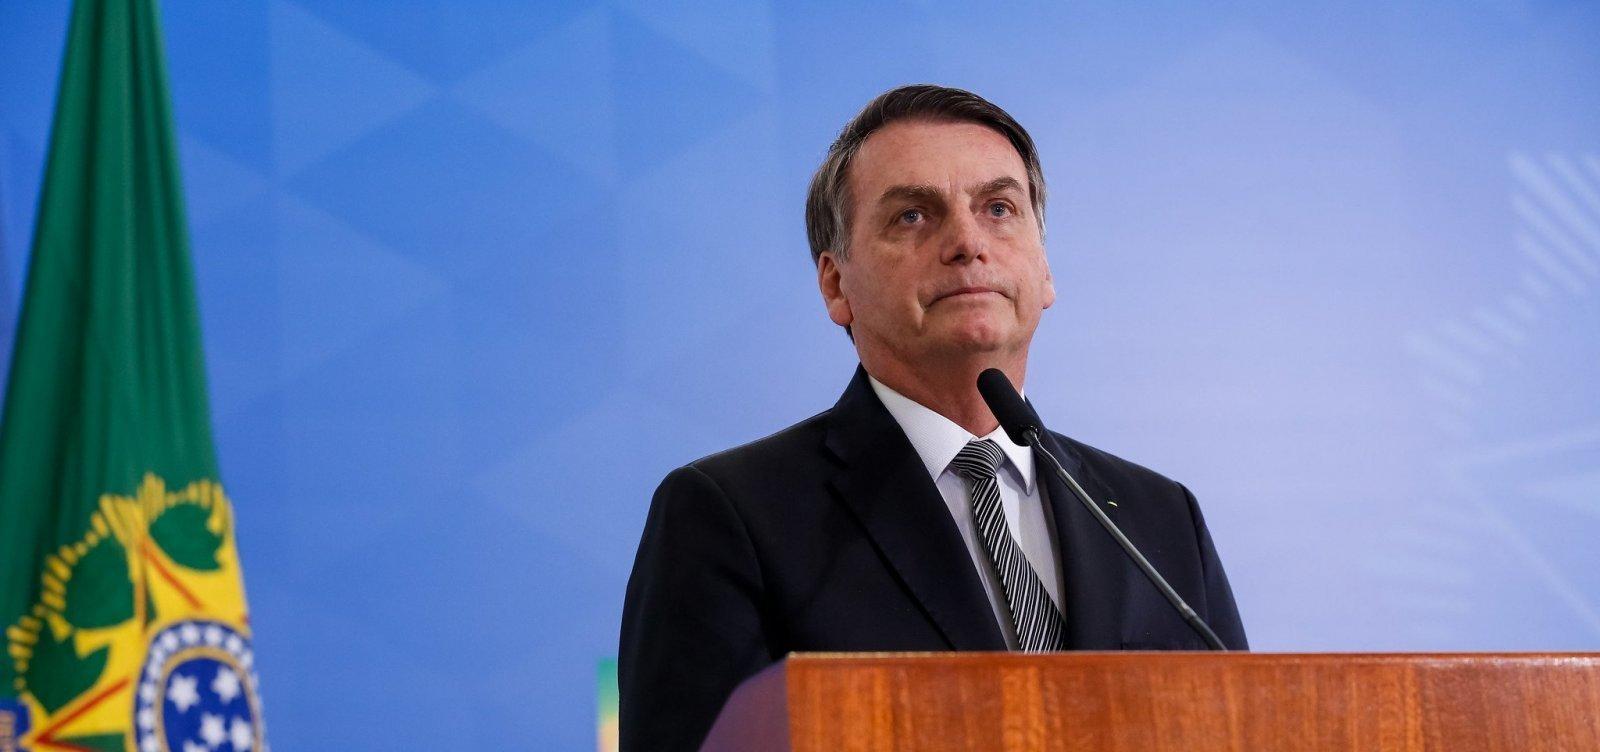 """Bolsonaro volta atrás sobre uso de máscara: """"Quem decide é governador e prefeito"""""""